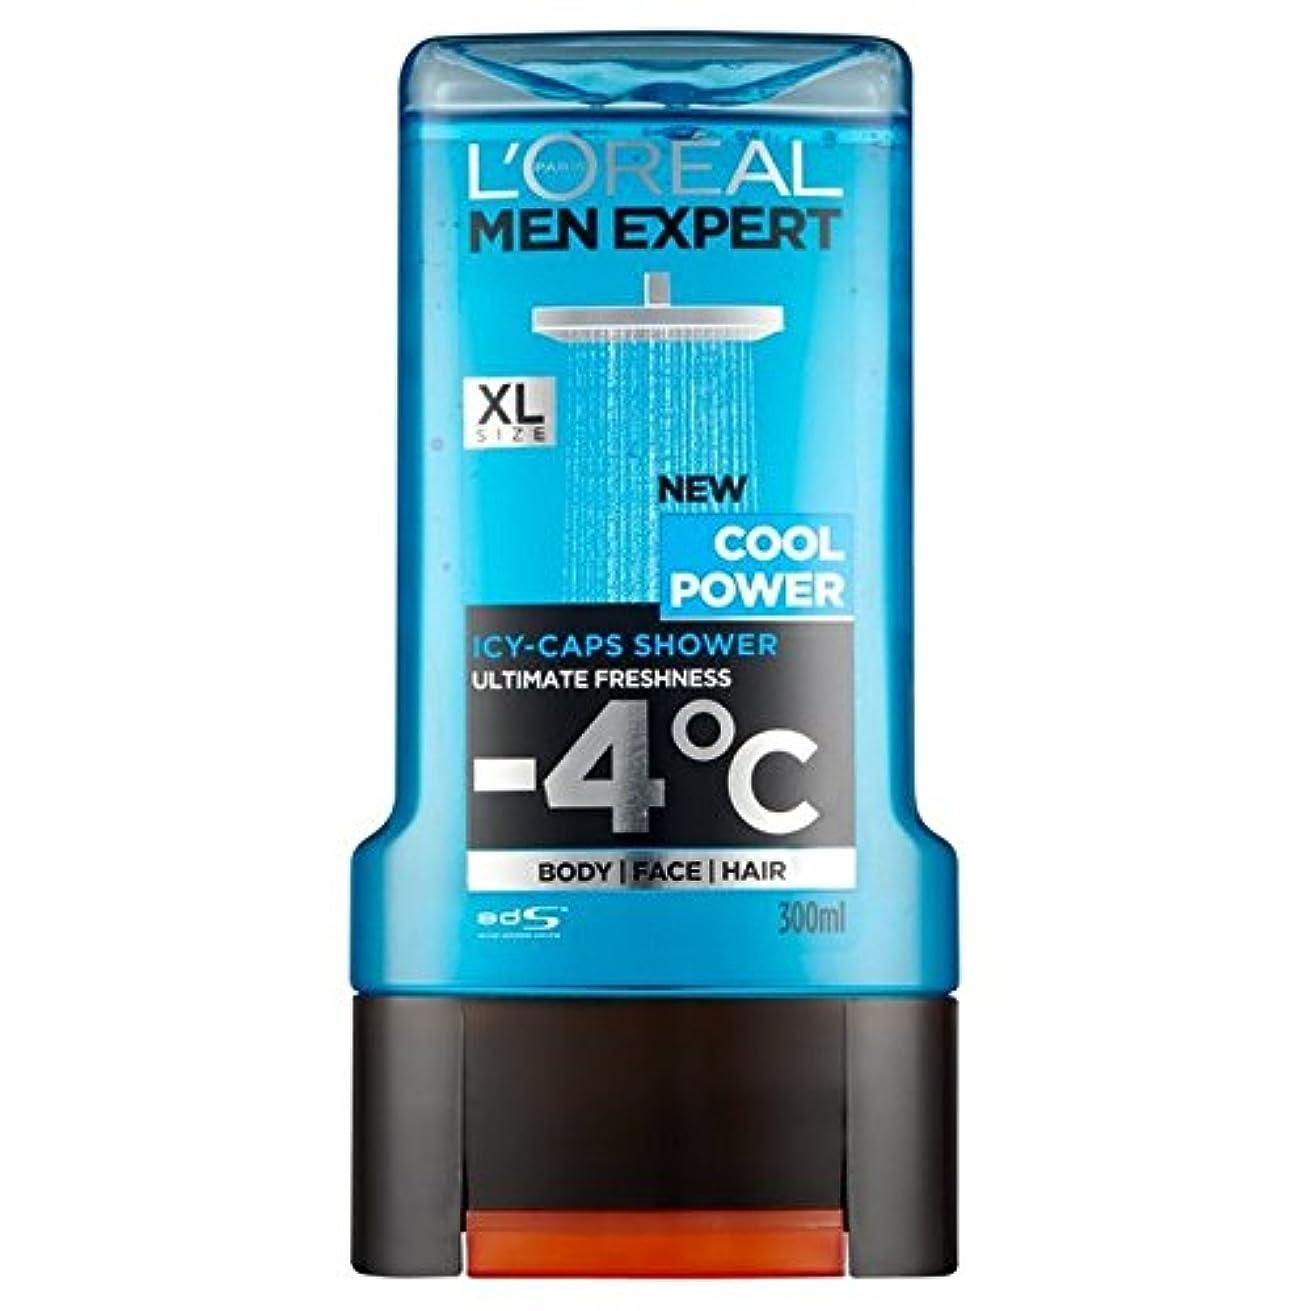 バブルボリューム商標L'Oreal Paris Men Expert Cool Power Shower Gel 300ml - ロレアルパリの男性の専門家のクールなパワーシャワージェル300ミリリットル [並行輸入品]